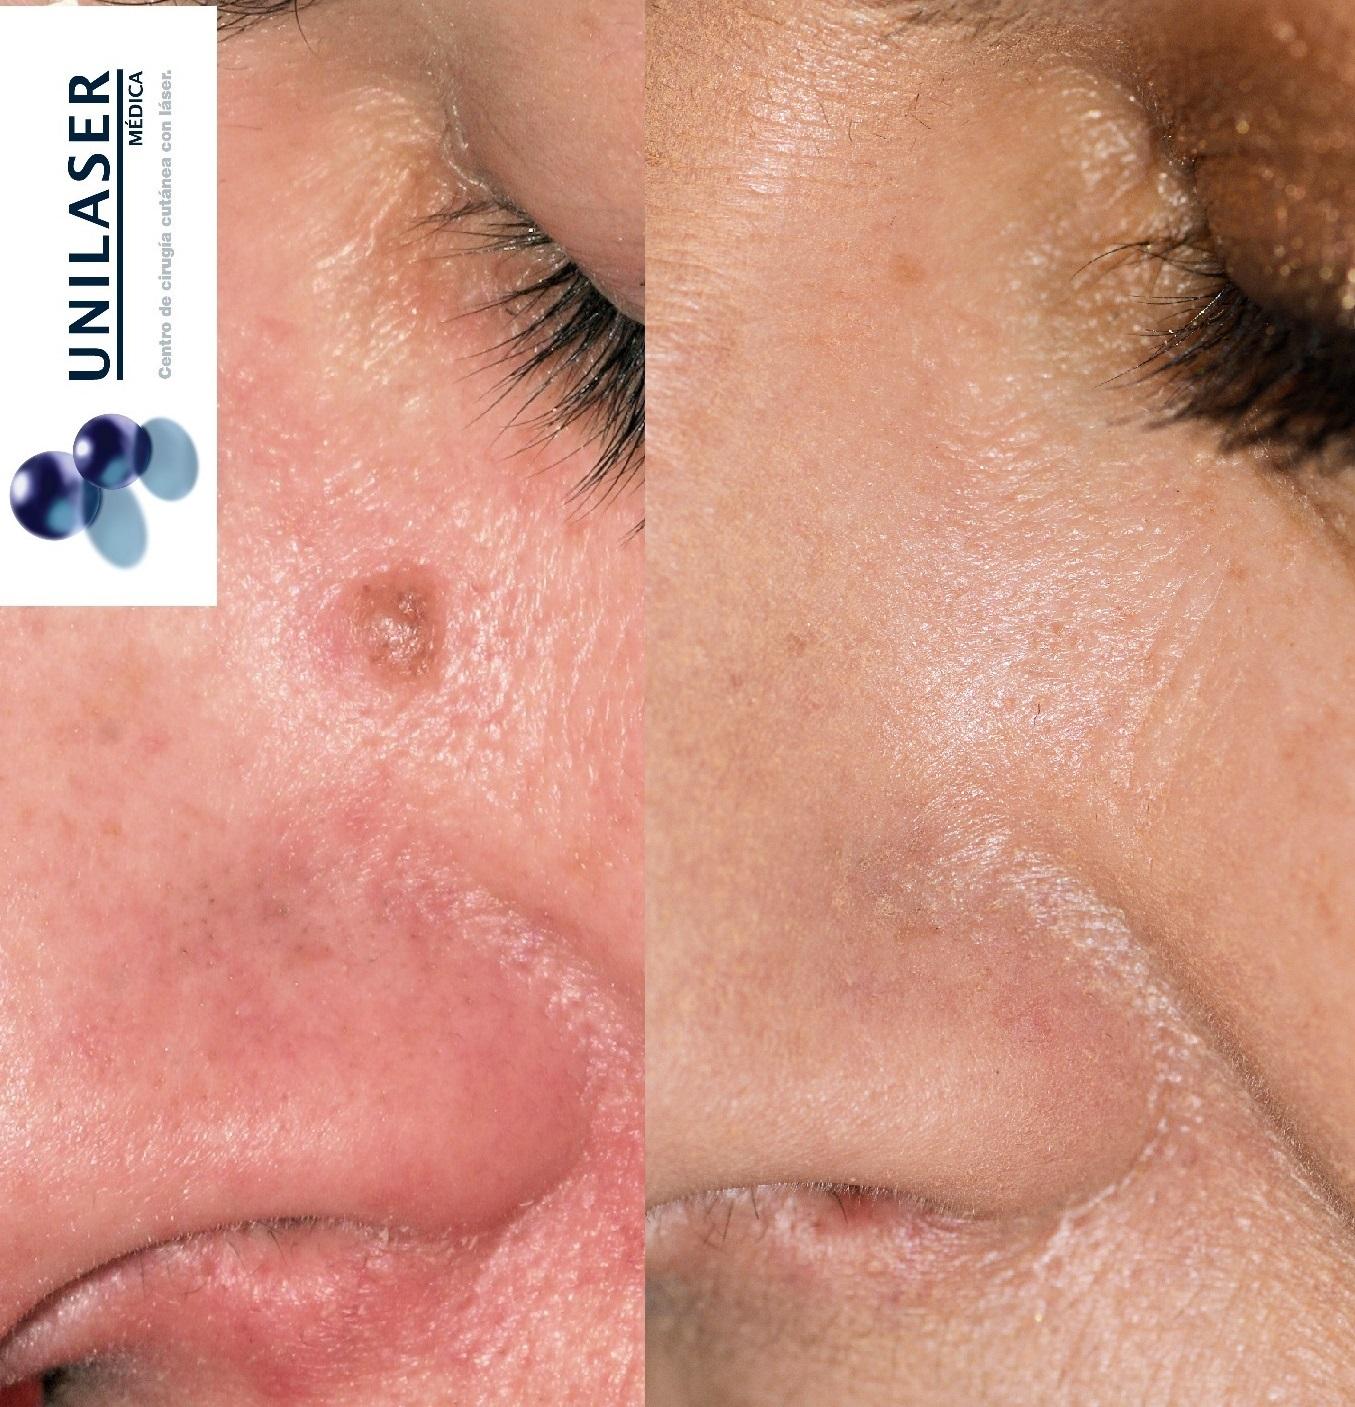 Nevus de la vertiente nasal tratado con láser